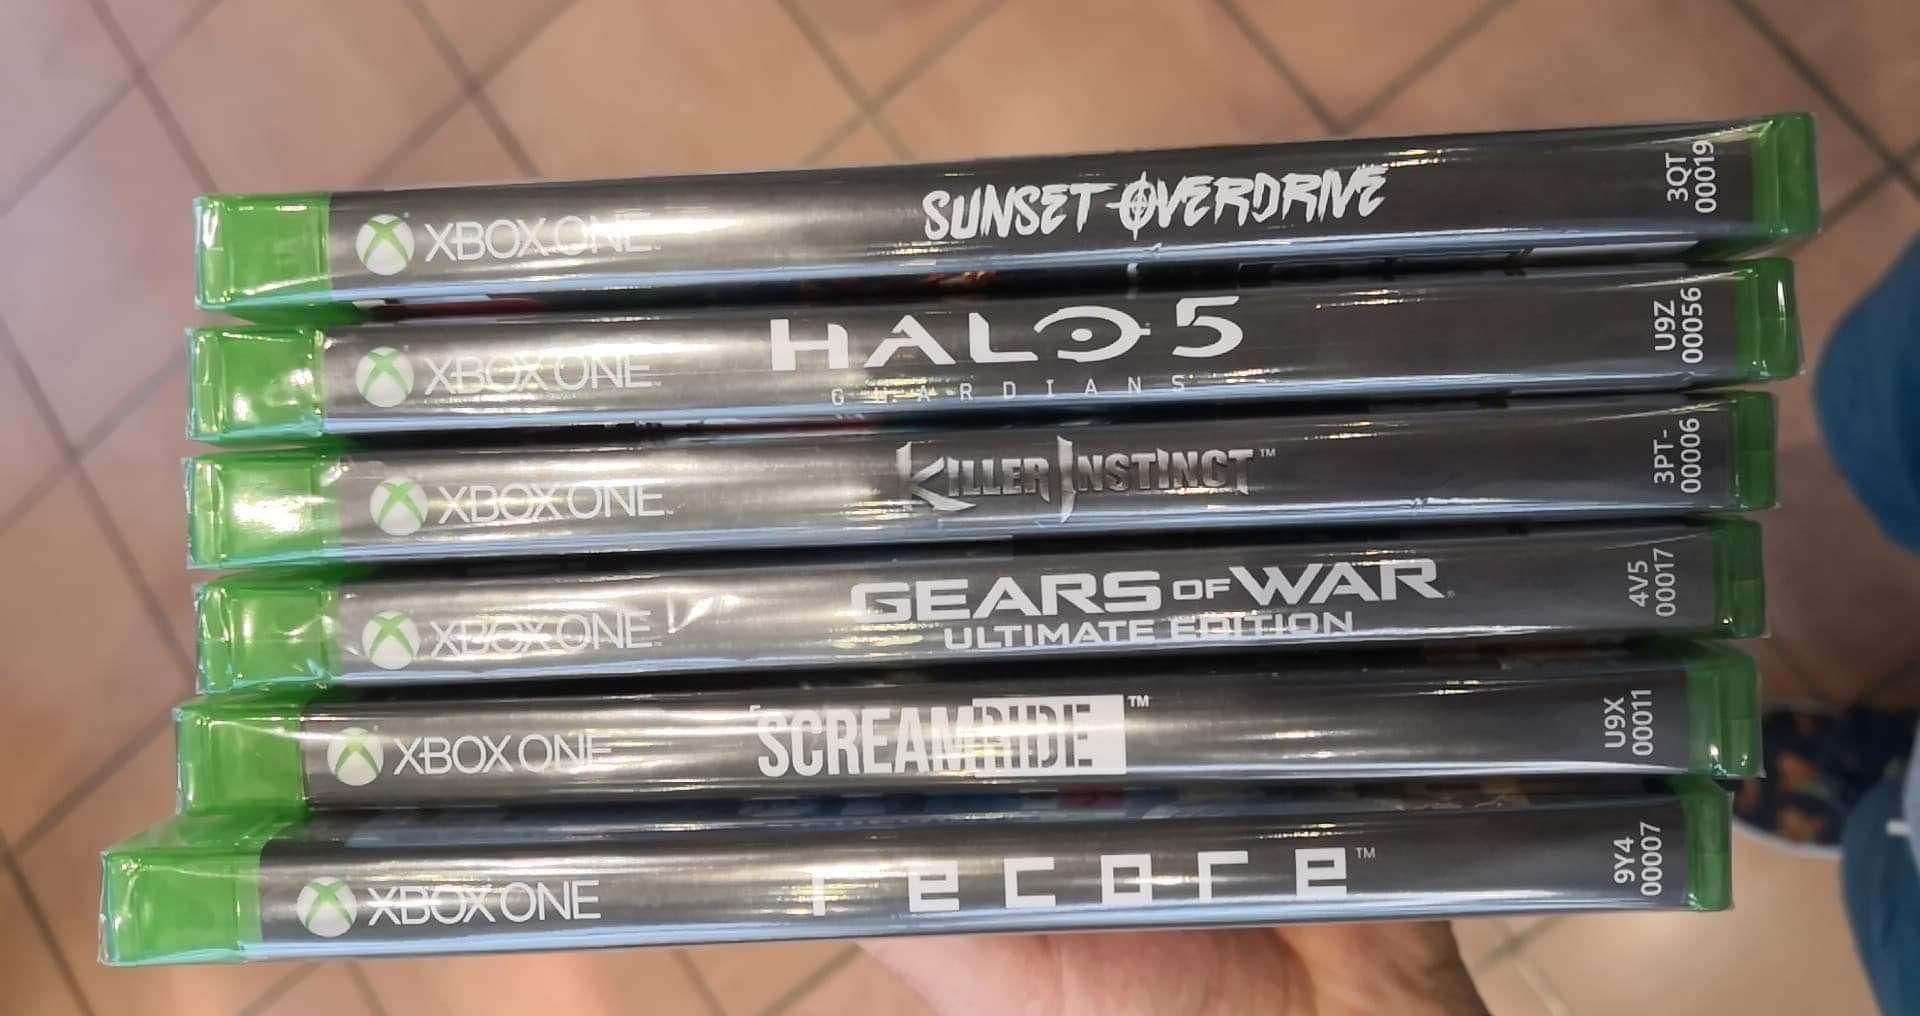 Sélection de jeux-vidéos pour Xbox One et PS4 à 5€ - Dizy (51)